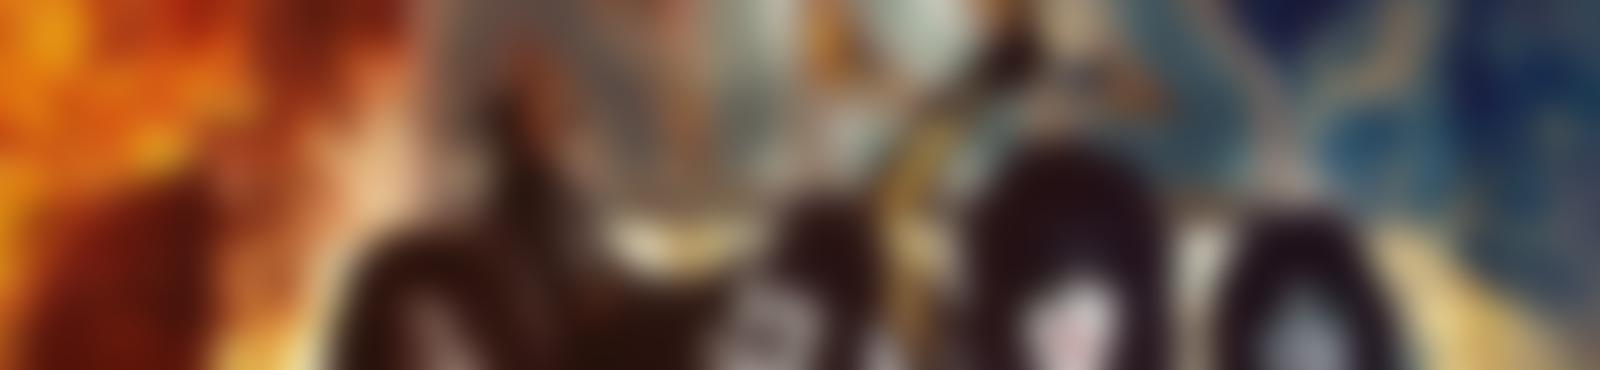 Blurred bda0362f 7735 470e 9276 77d11a7f43fe